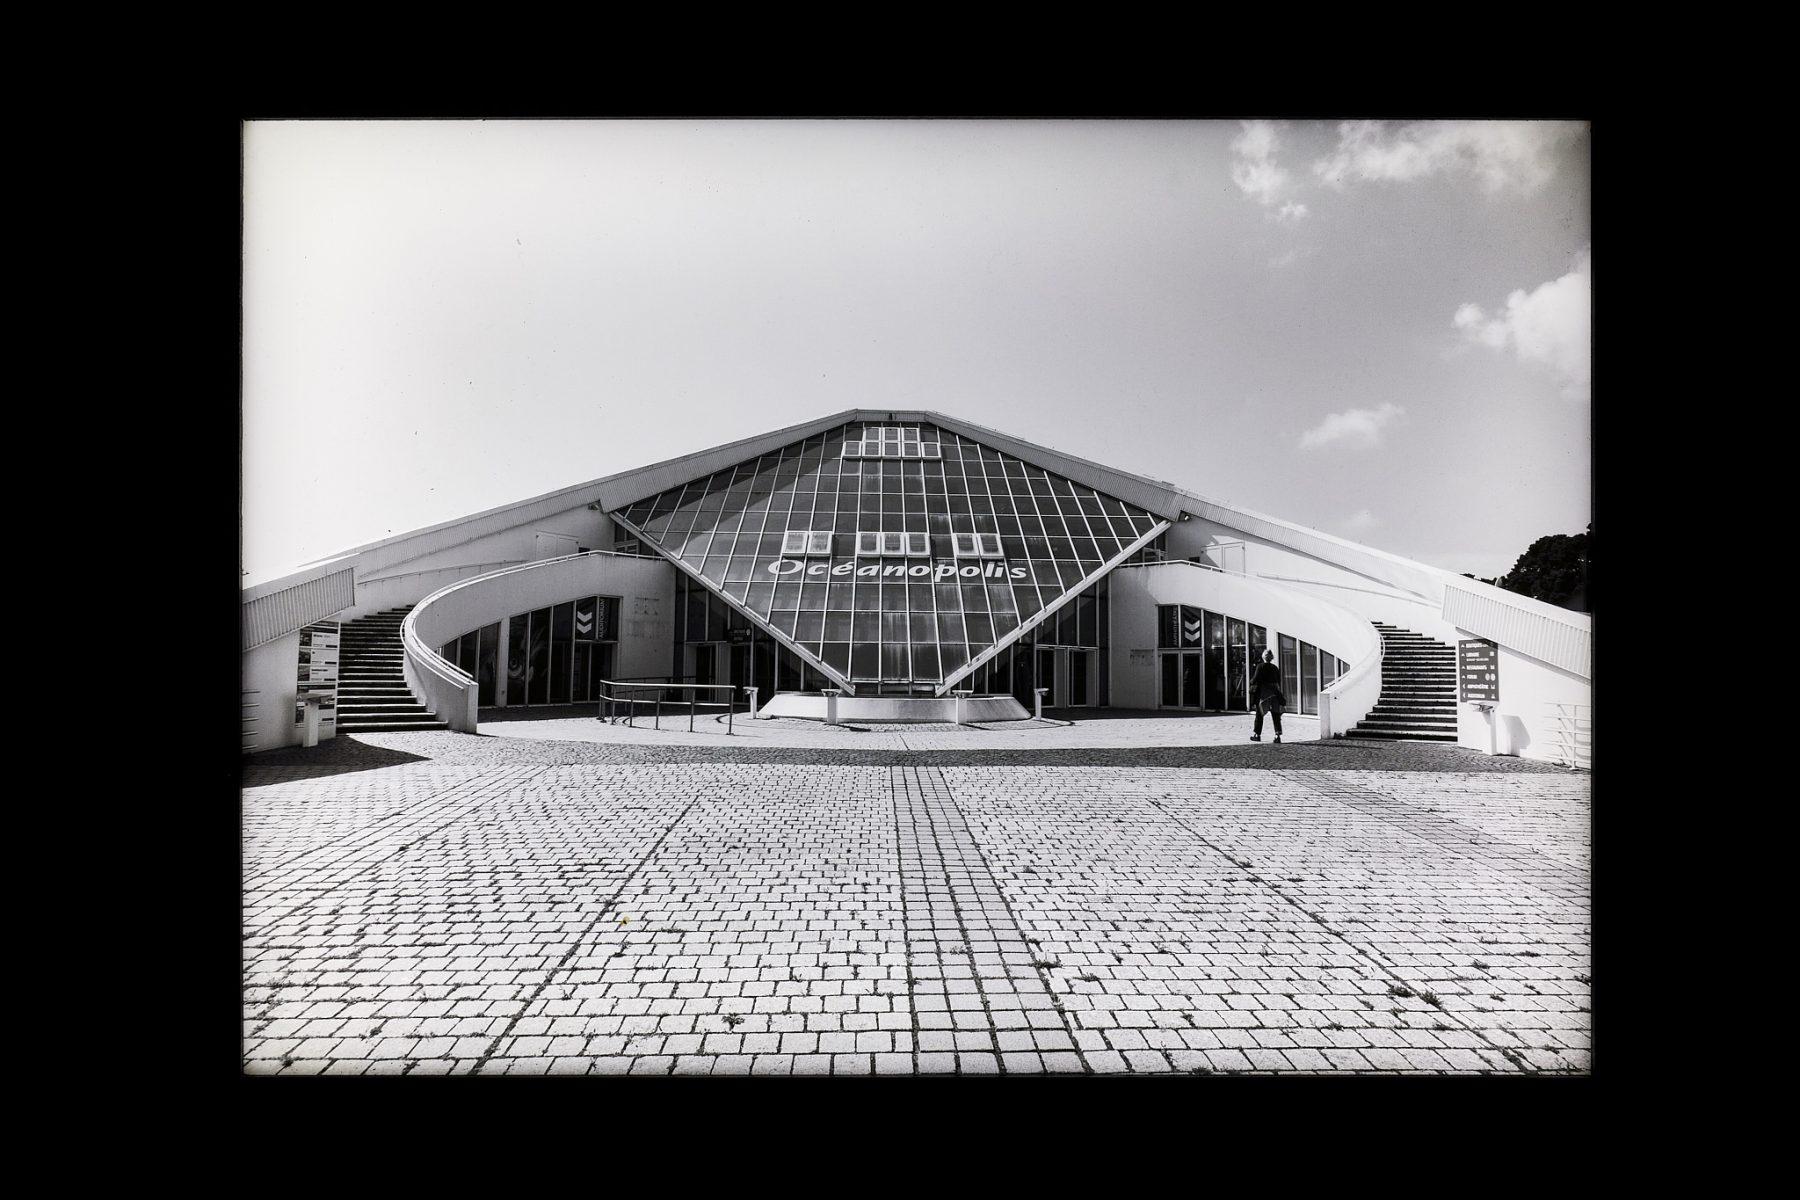 Installation View, Detail, Photo Rémi Chauvin